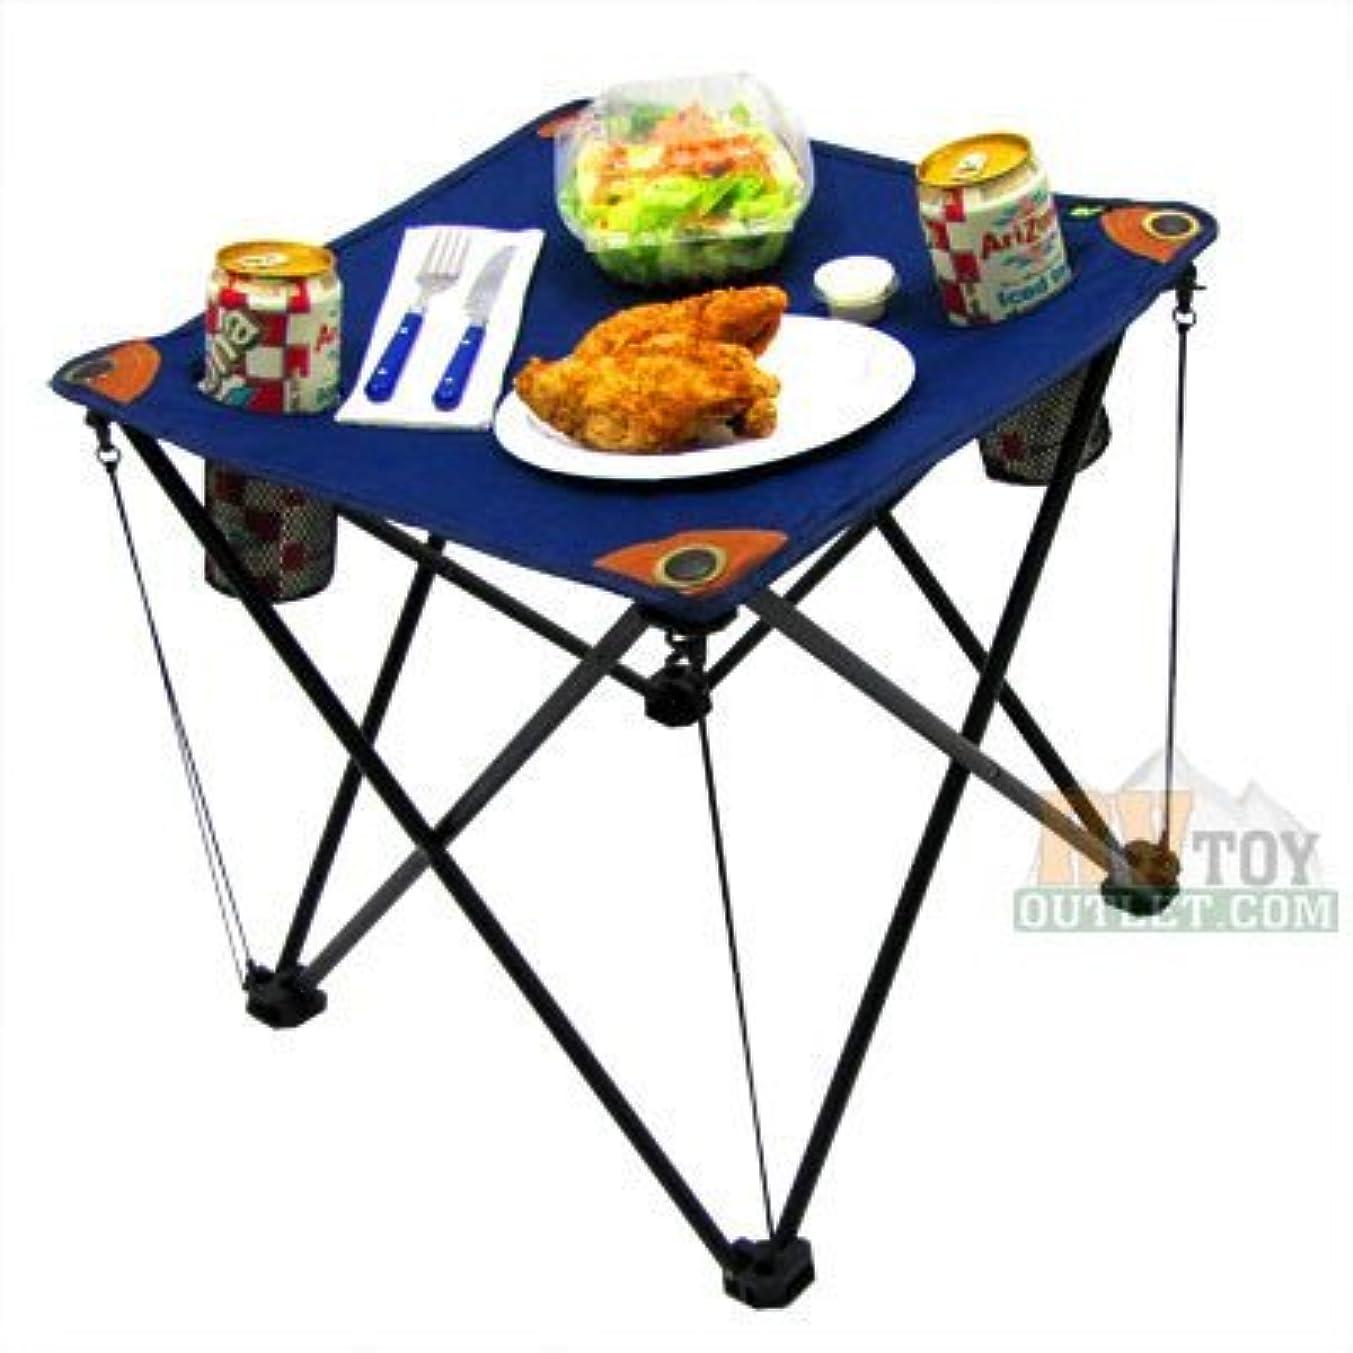 ワックスグリルバングFolding Camping Table Folding Table with Drink Holders and Carry Bag (Blue) by EZ Travel Collection